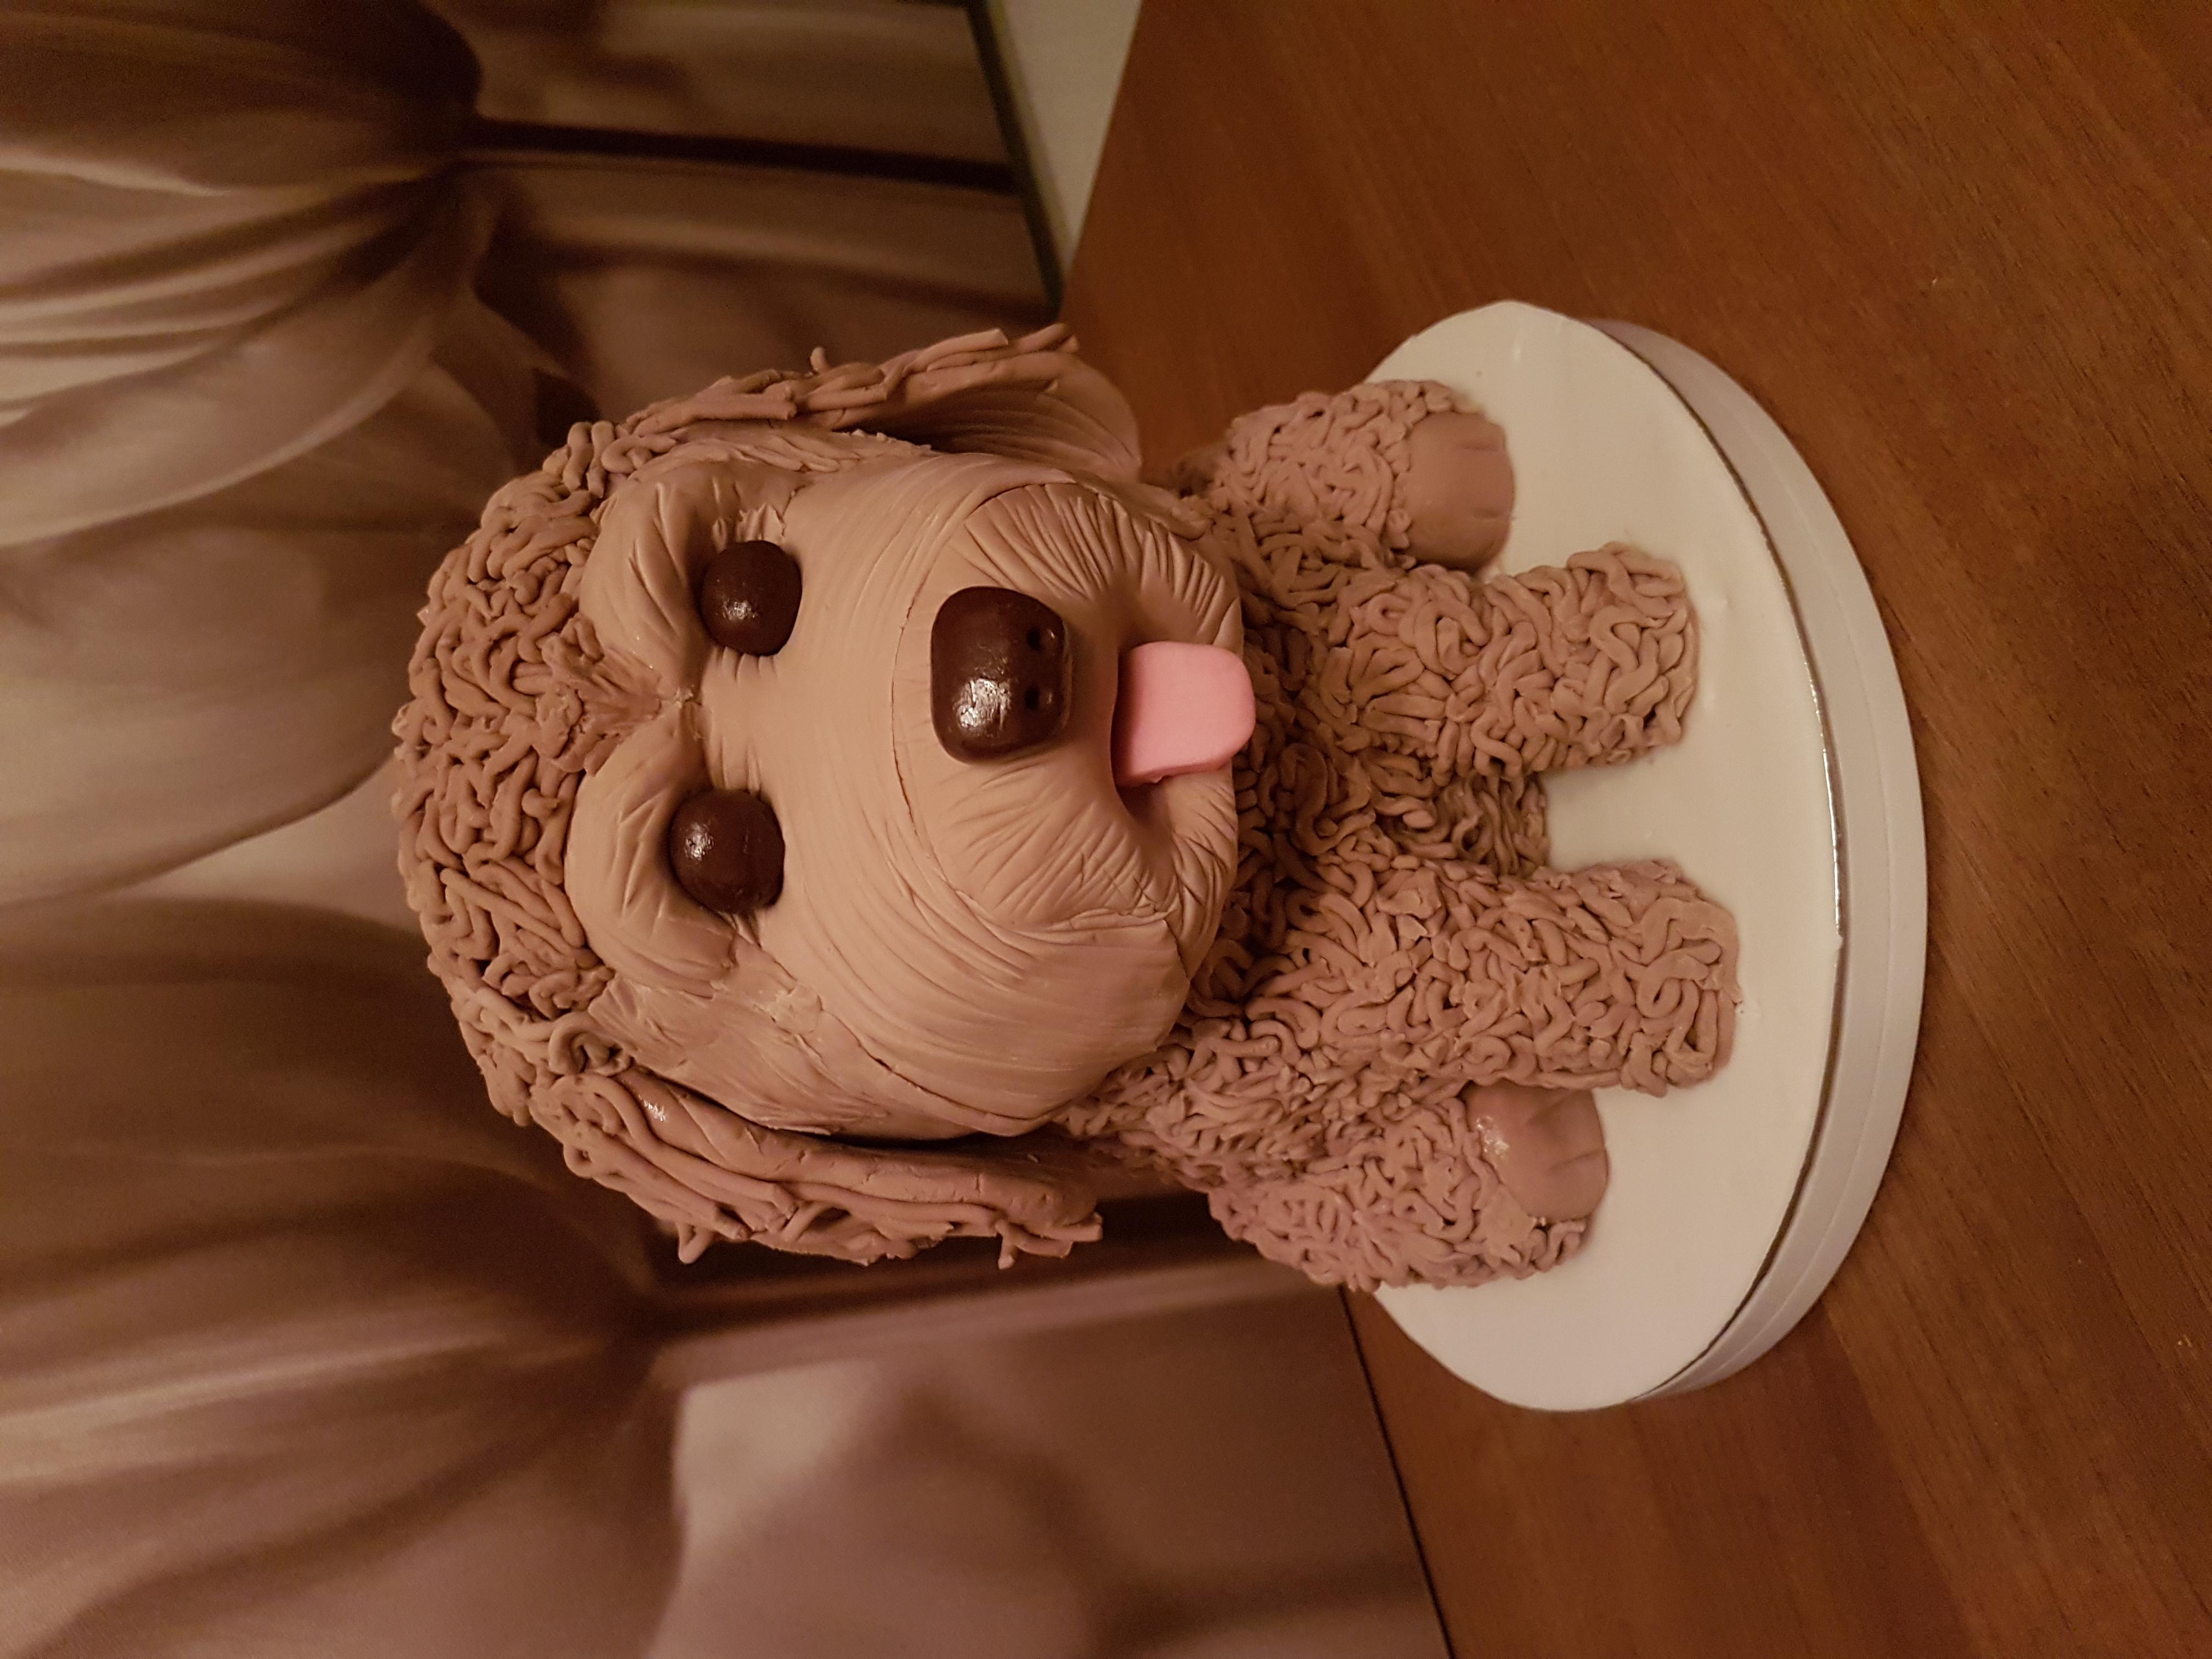 Modelled Dog Cake